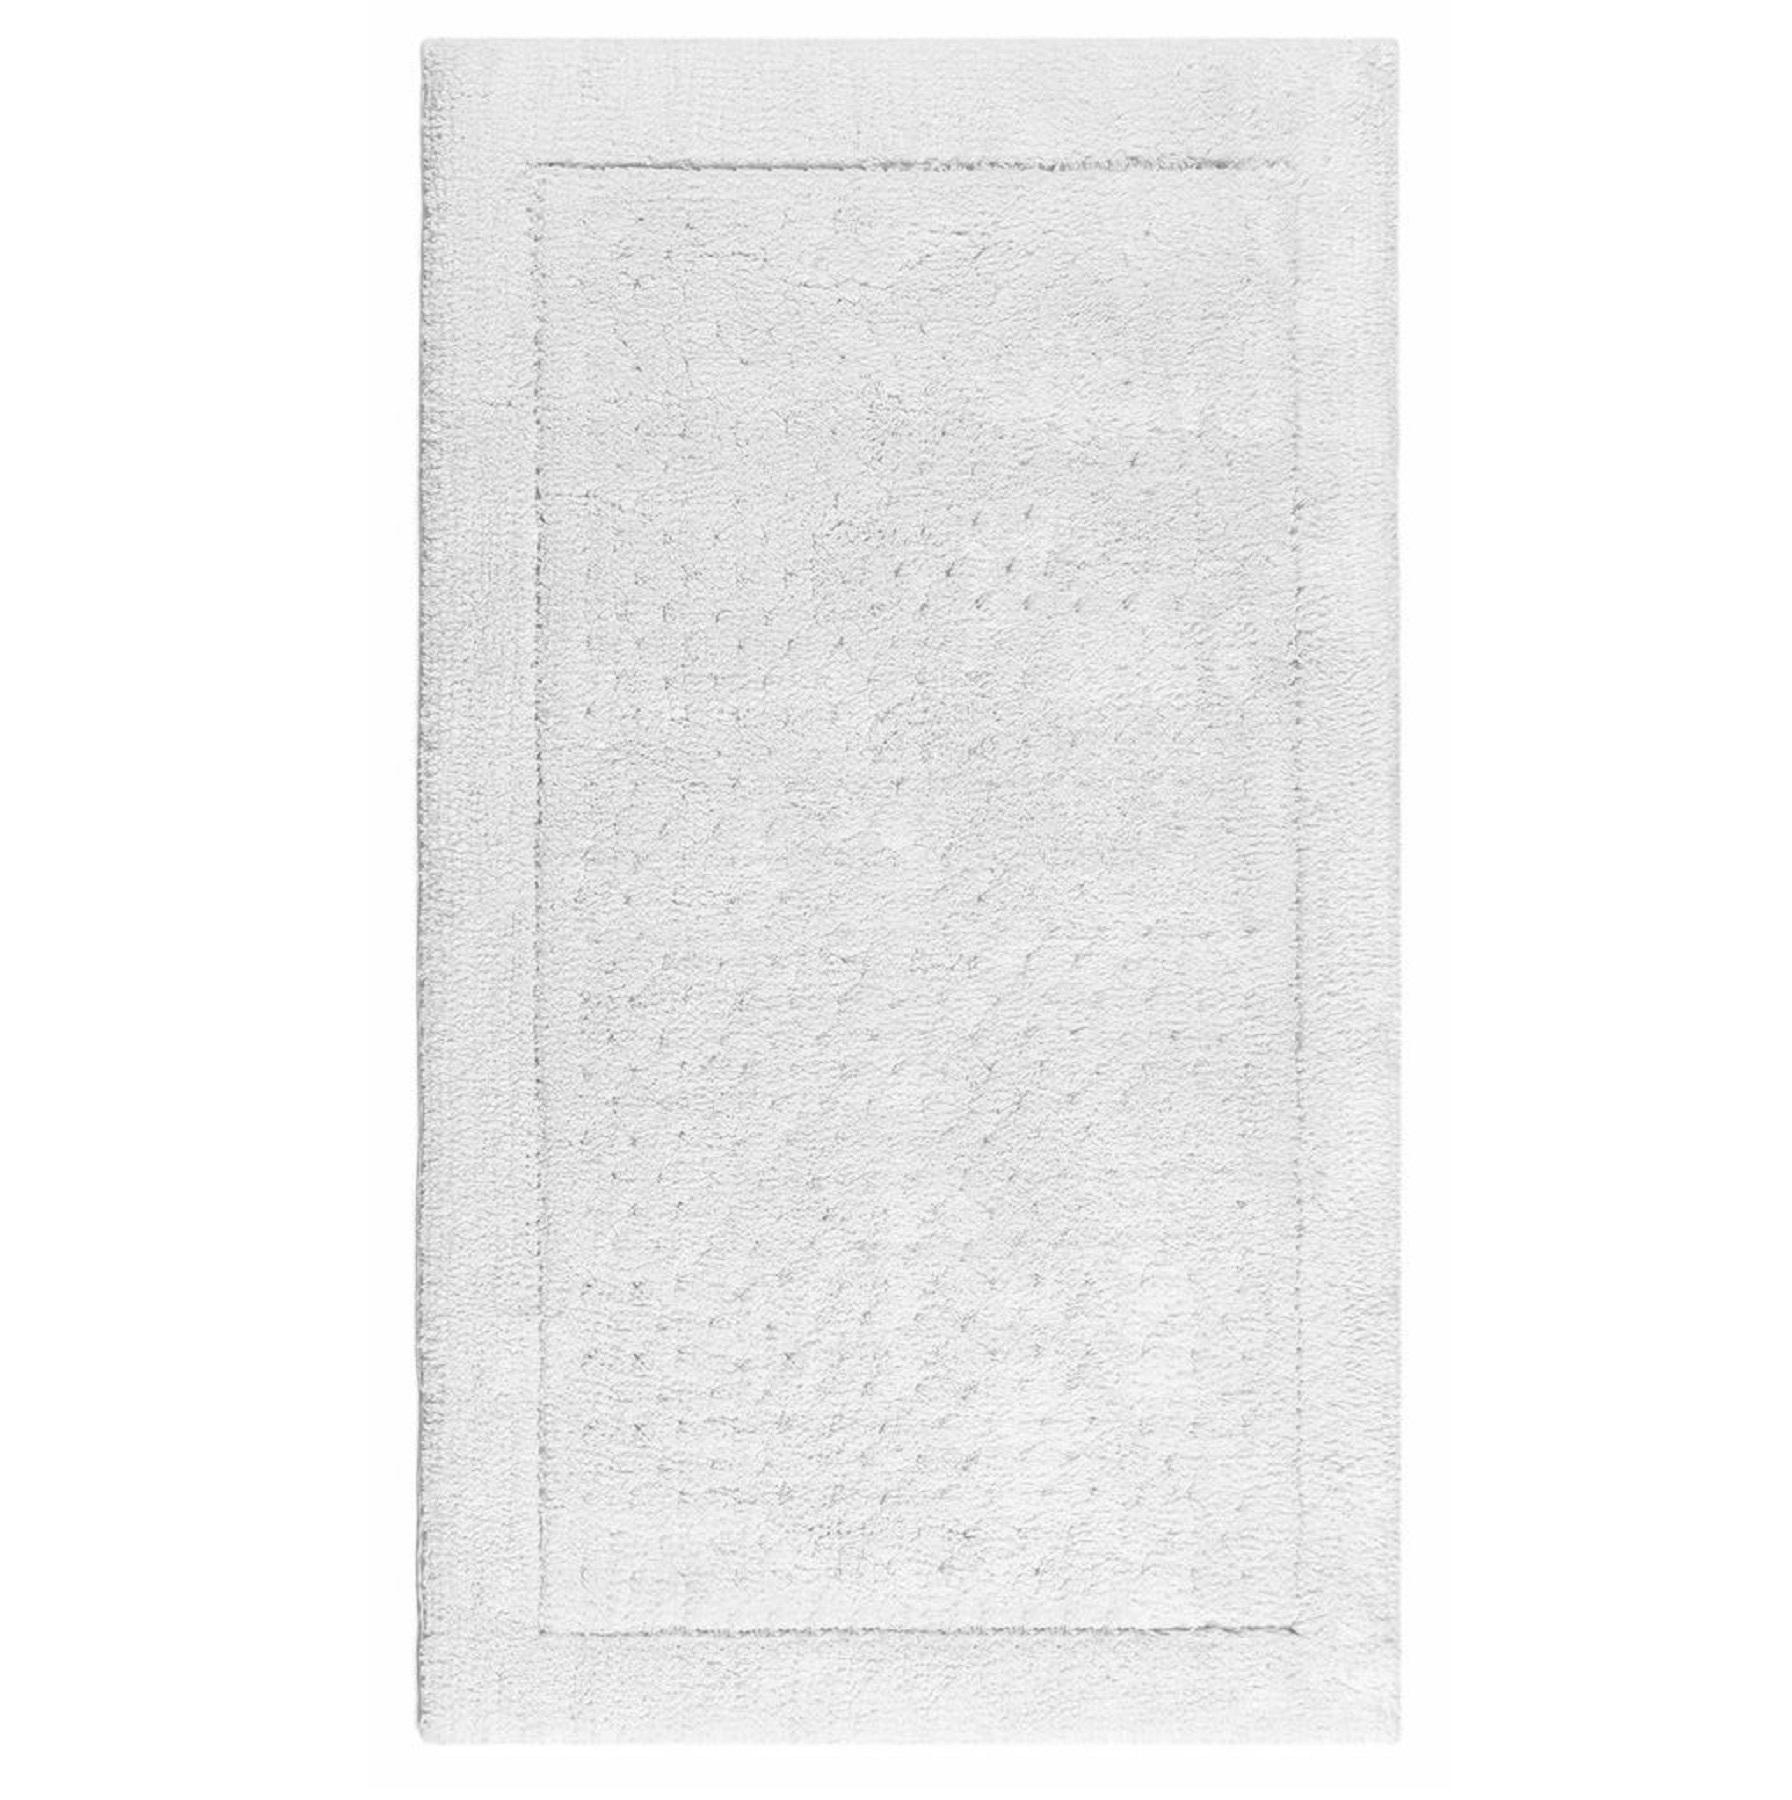 Коврики для ванной Элитный коврик для ванной Sublime White от Kassatex elitnyy-kovrik-dlya-vannoy-sublime-white-ot-kassatex-portugaliya.jpg